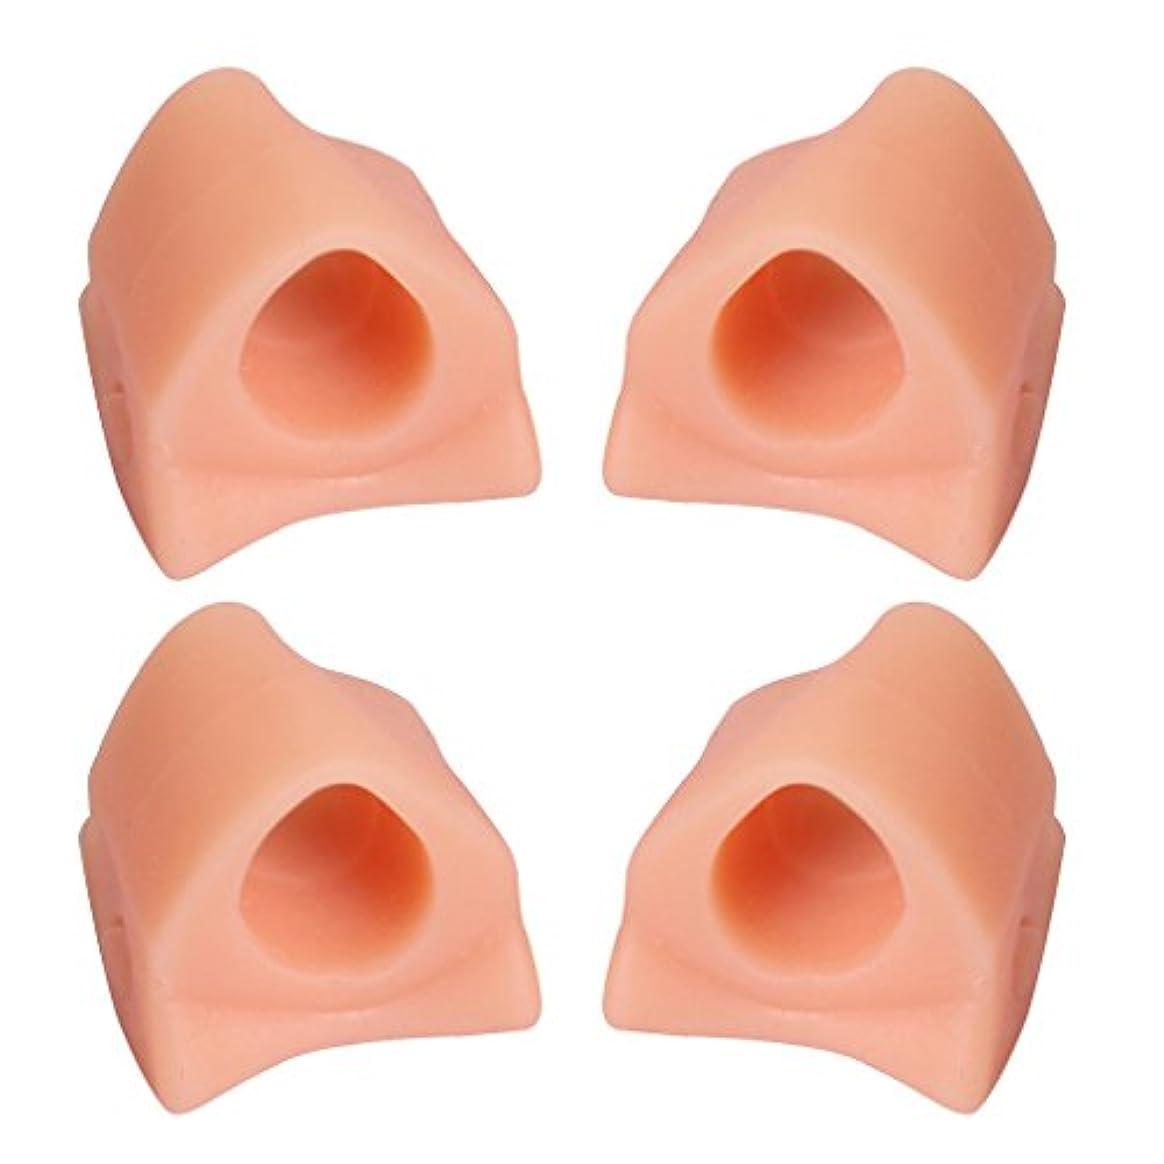 バーガー透けて見える糞4本ゲル腱膜補正つま先セパレーター補正Hallux外反フットケア